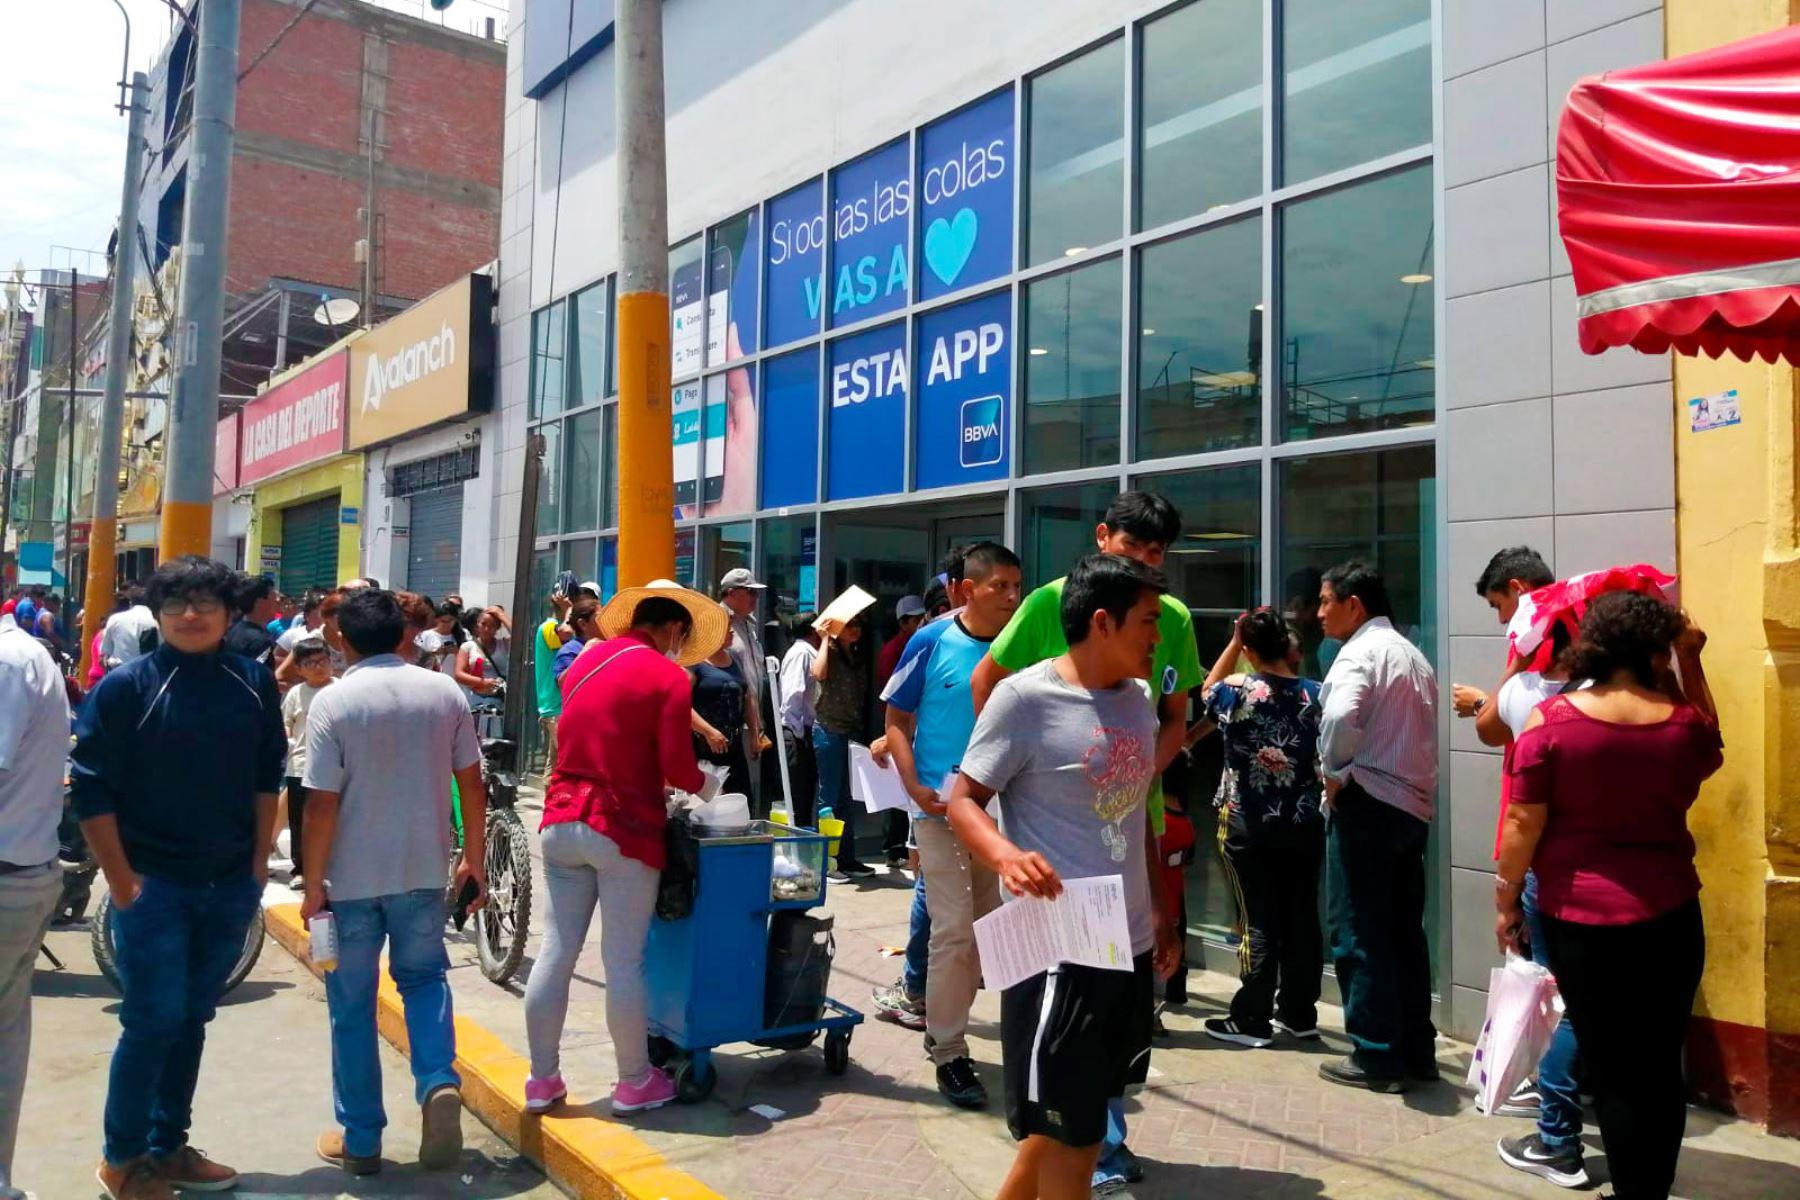 Ante el incremento de contagios con covid-19, las autoridades de la región Lima pedirán al Gobierno retorno de cuarentena. Foto: ANDINA/Difusión